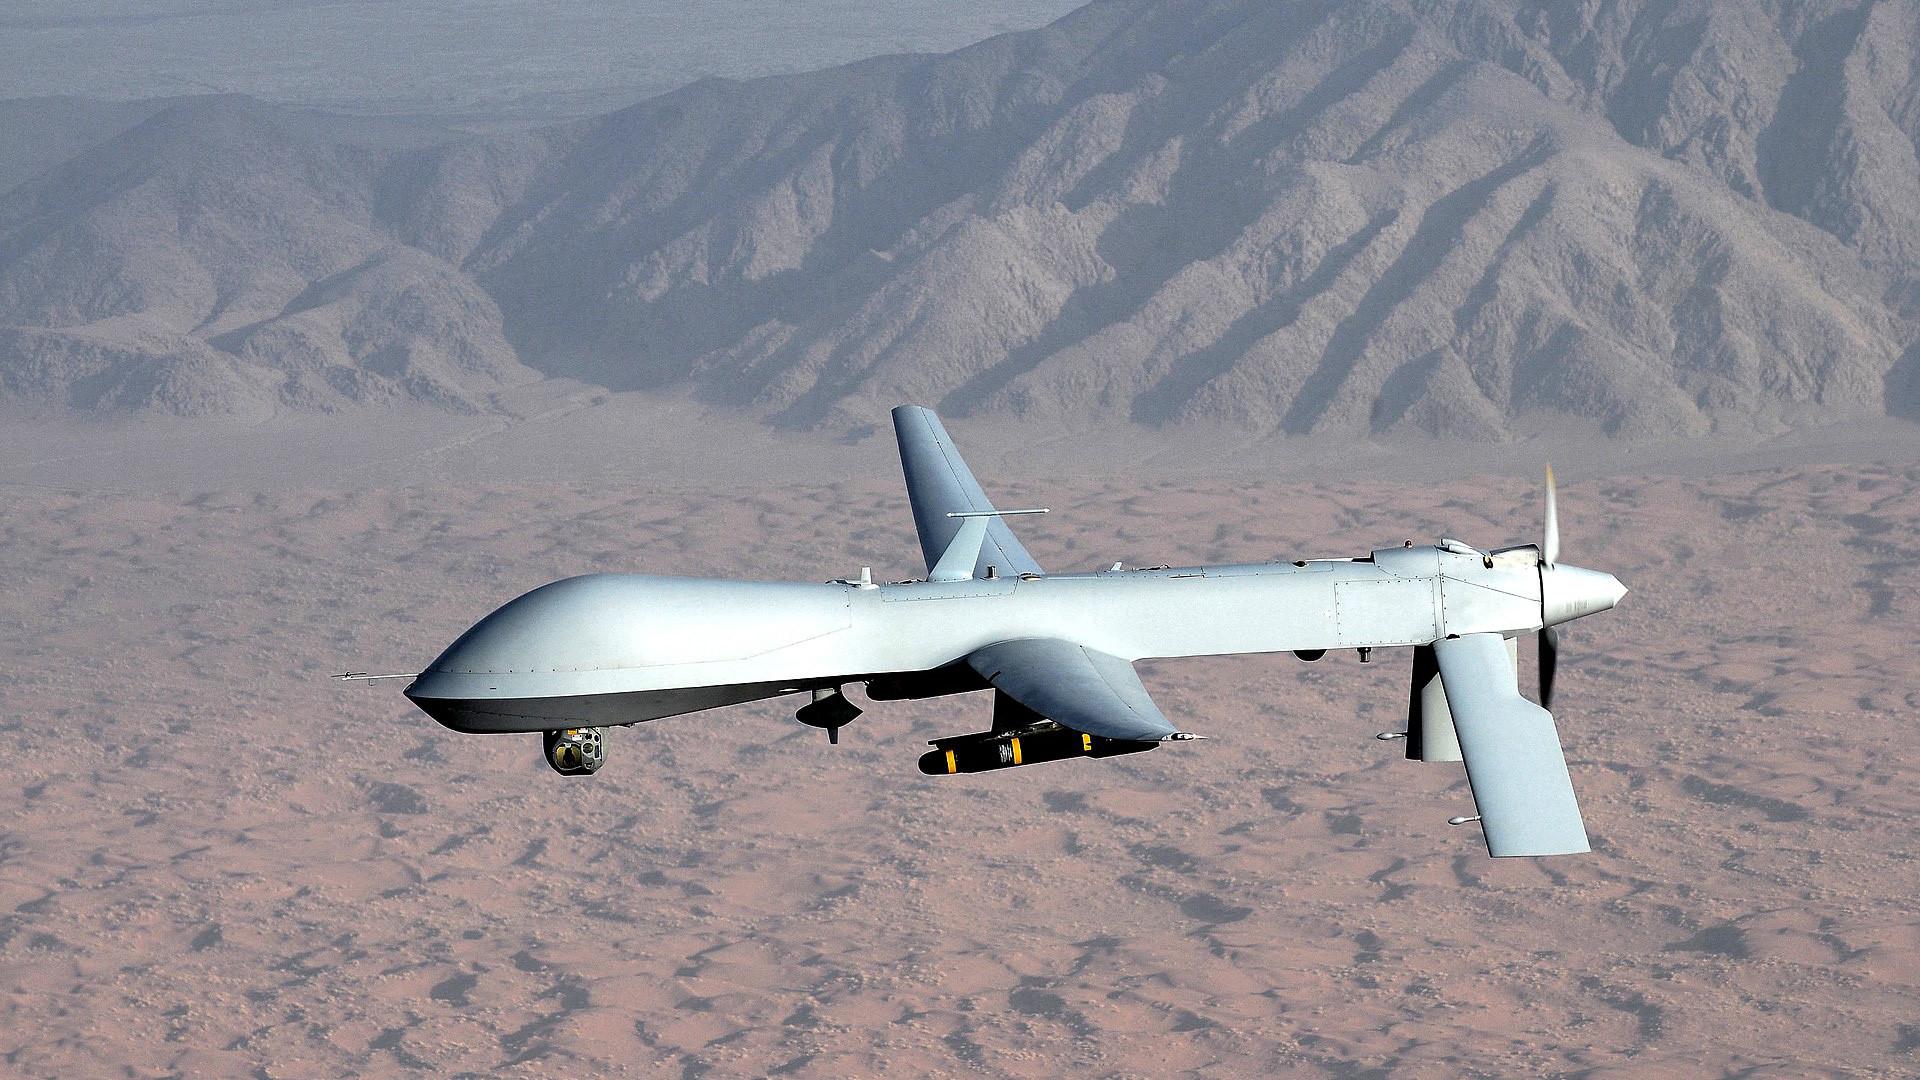 MQ-1 Predator. Ameriške zračne sile iščejo prostovoljce za usposabljanje operaterjev brezpilotnikov tipa Predator.